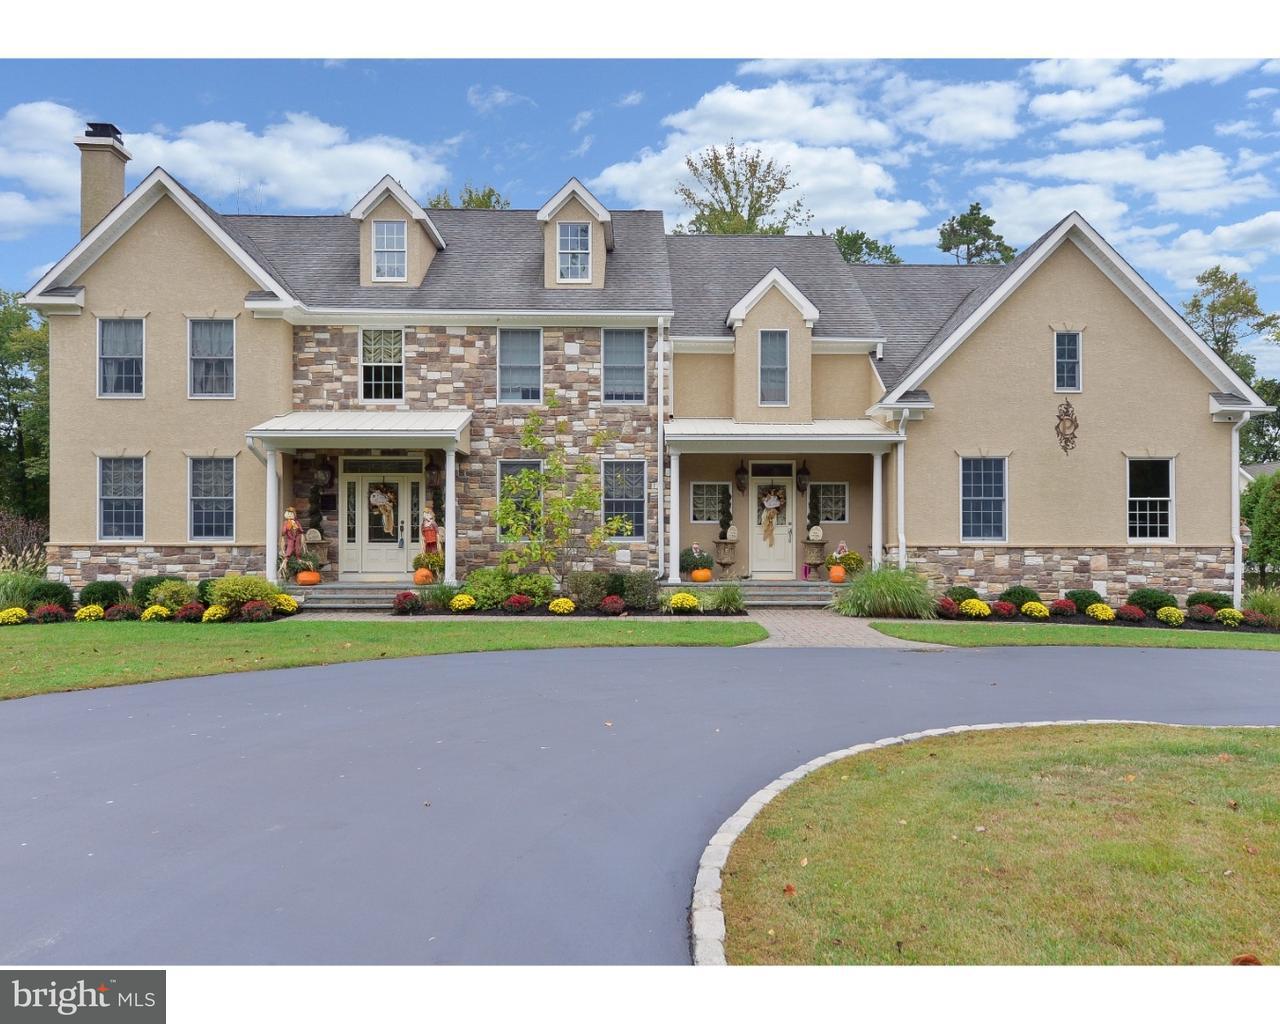 Maison unifamiliale pour l Vente à 1412 HAINESPORT MT LAUREL Road Mount Laurel, New Jersey 08054 États-Unis